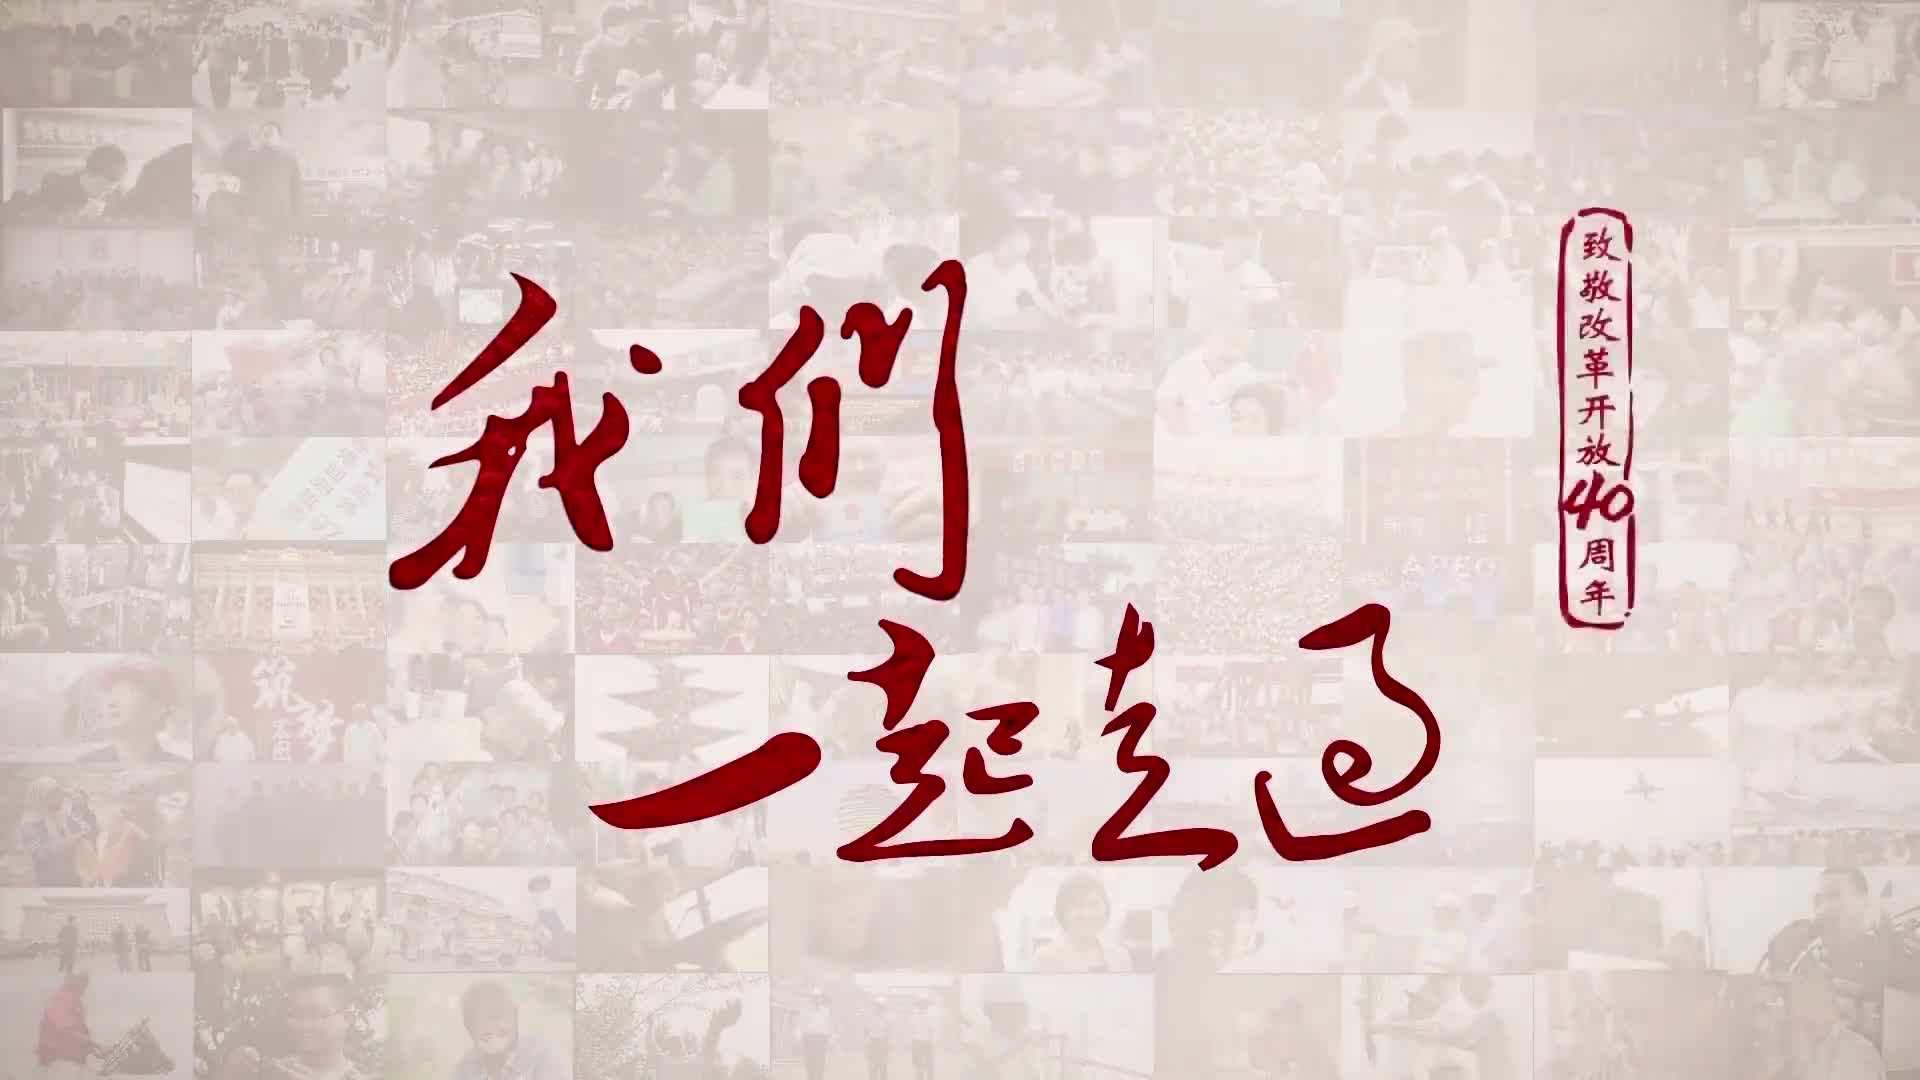 4分钟速览:大型电视记录片《我们一同走过》第七集、第八集